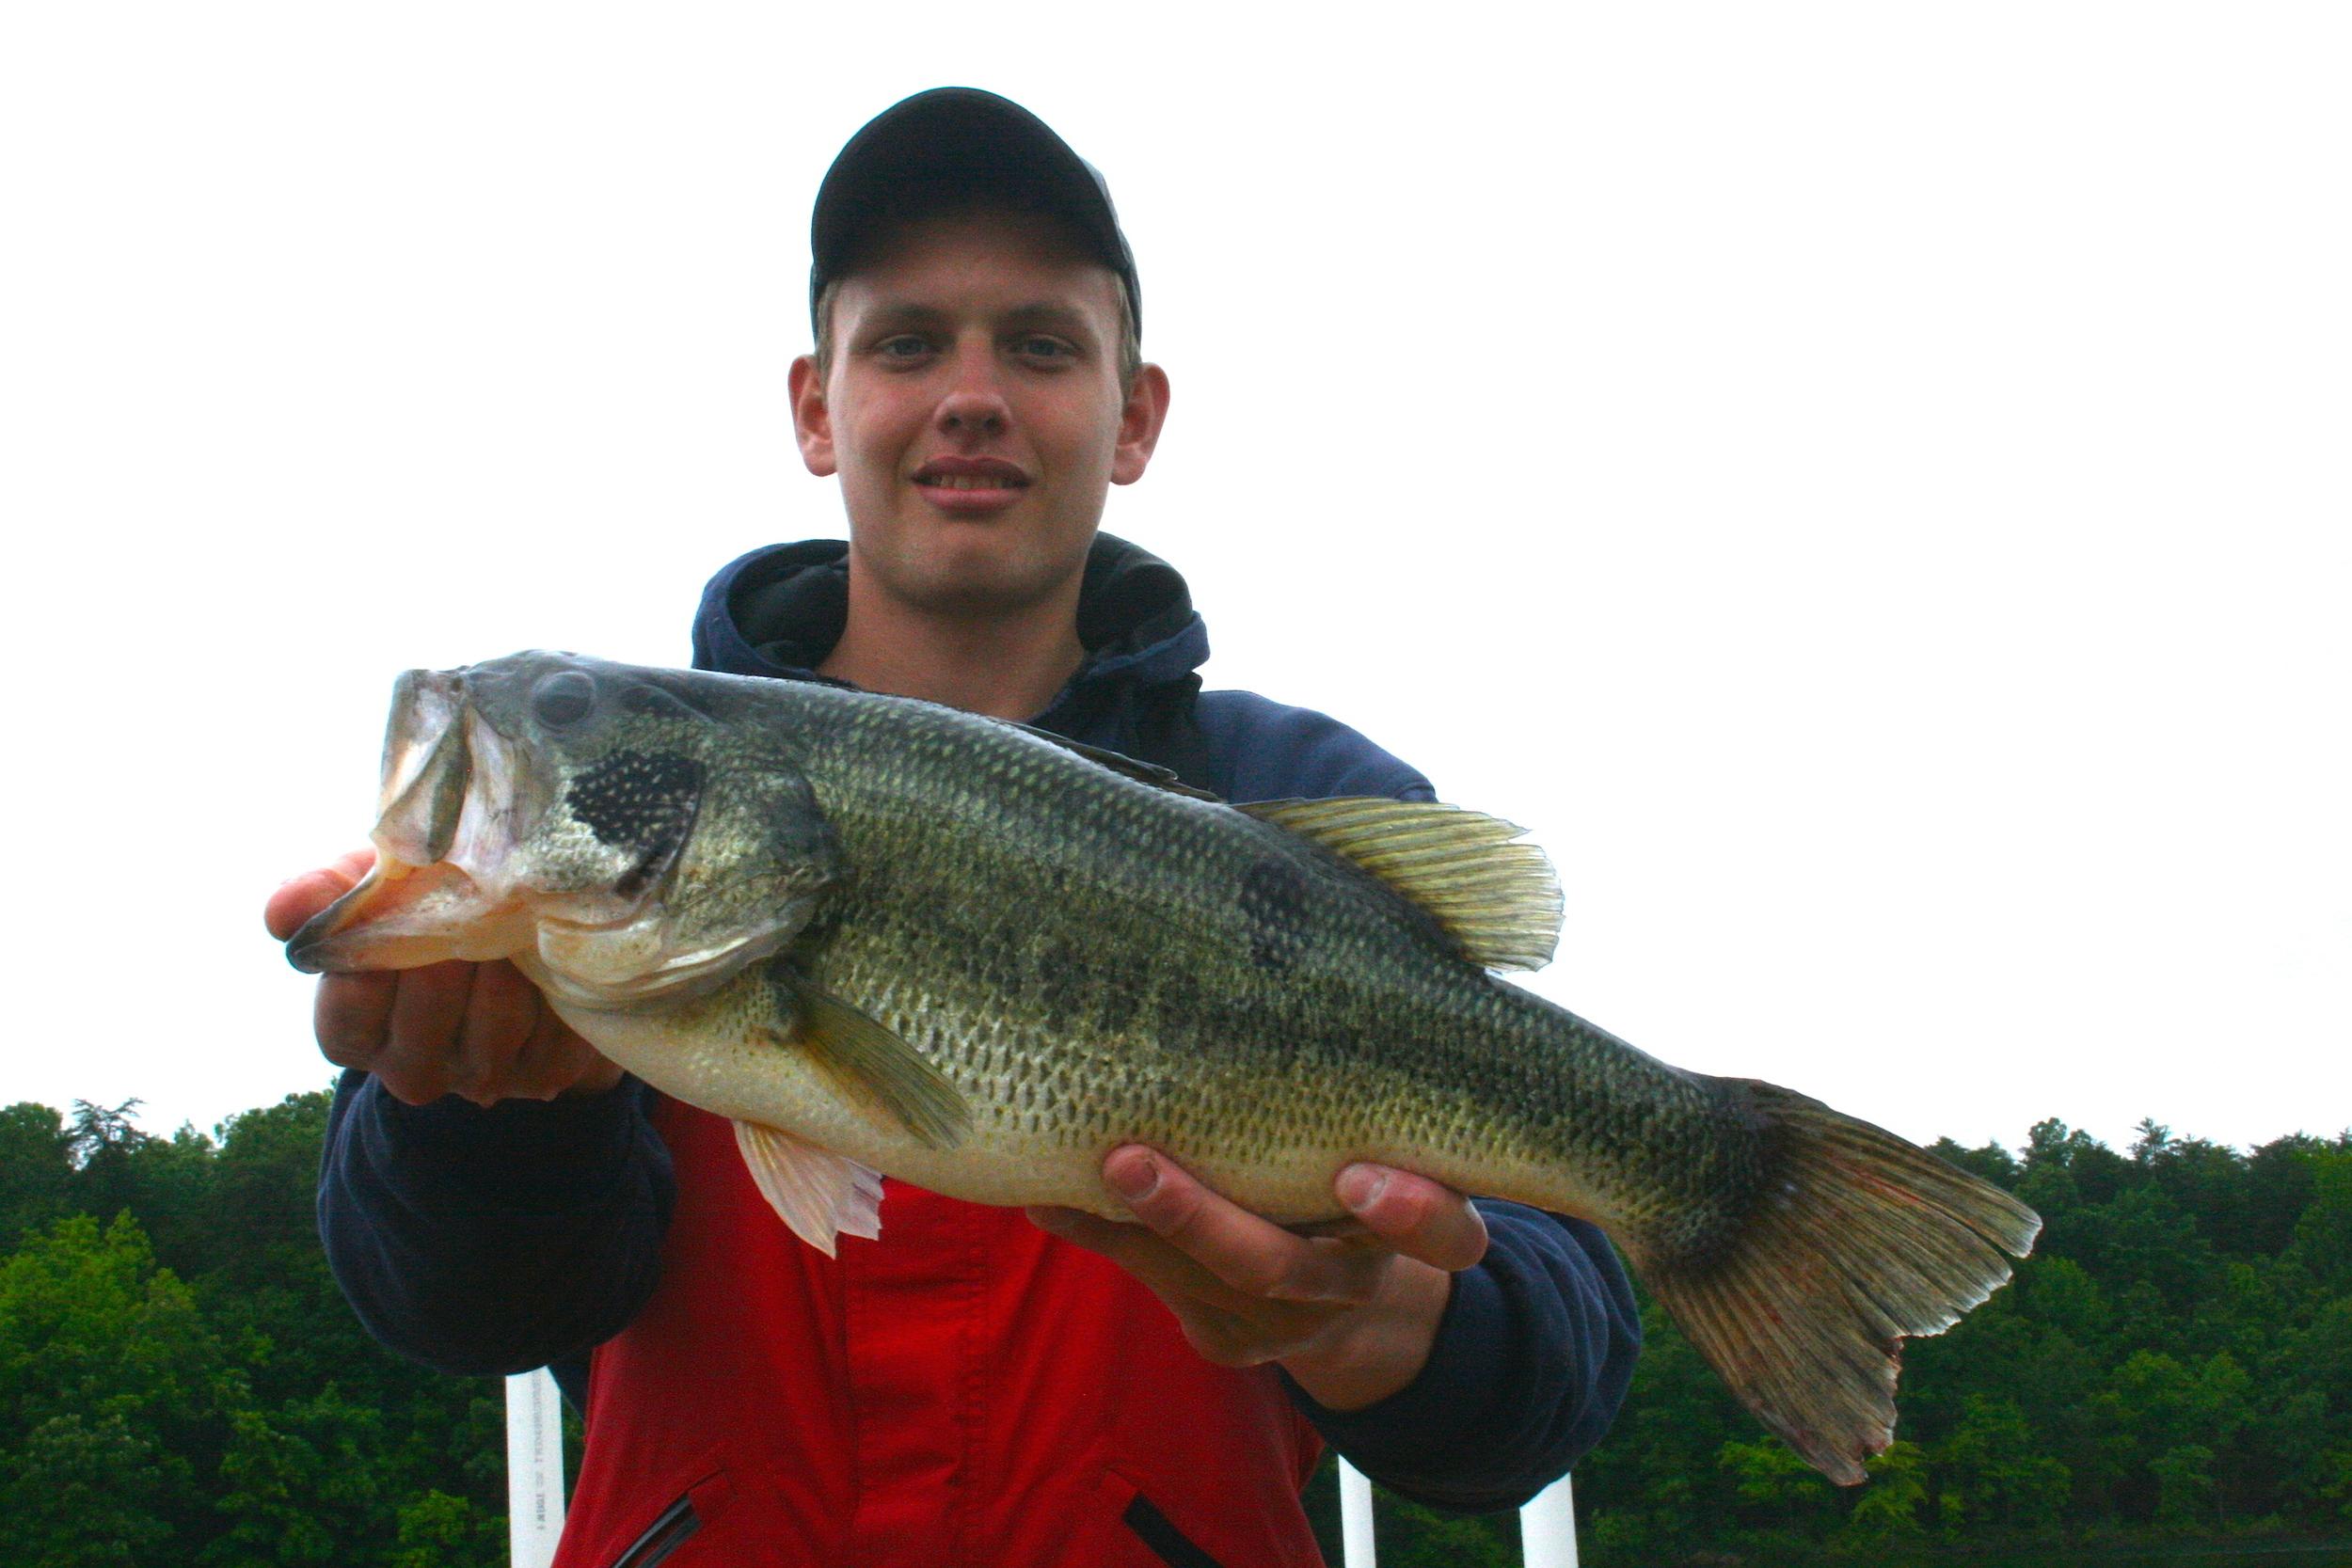 Dominique Morris Big Fish 5.71 Lbs